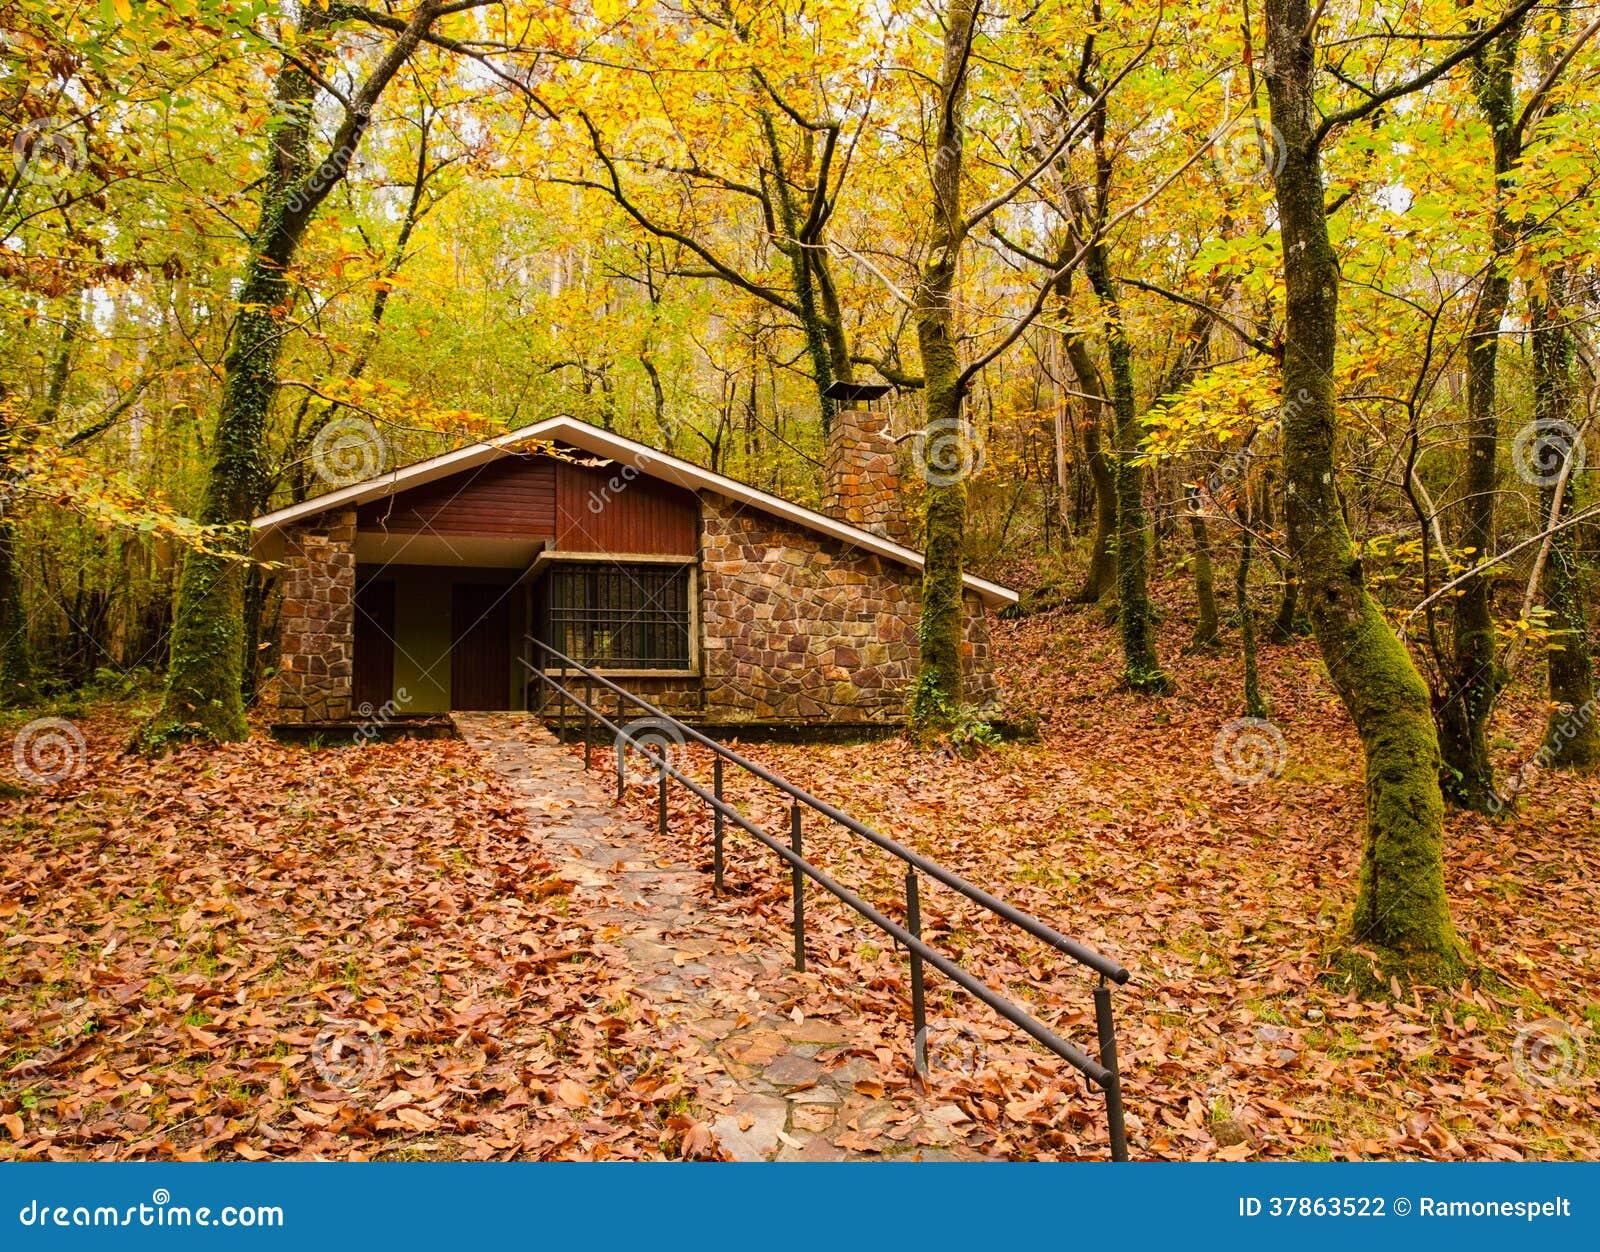 Casa en el bosque en oto o fotograf a de archivo imagen - Casitas en el bosque ...